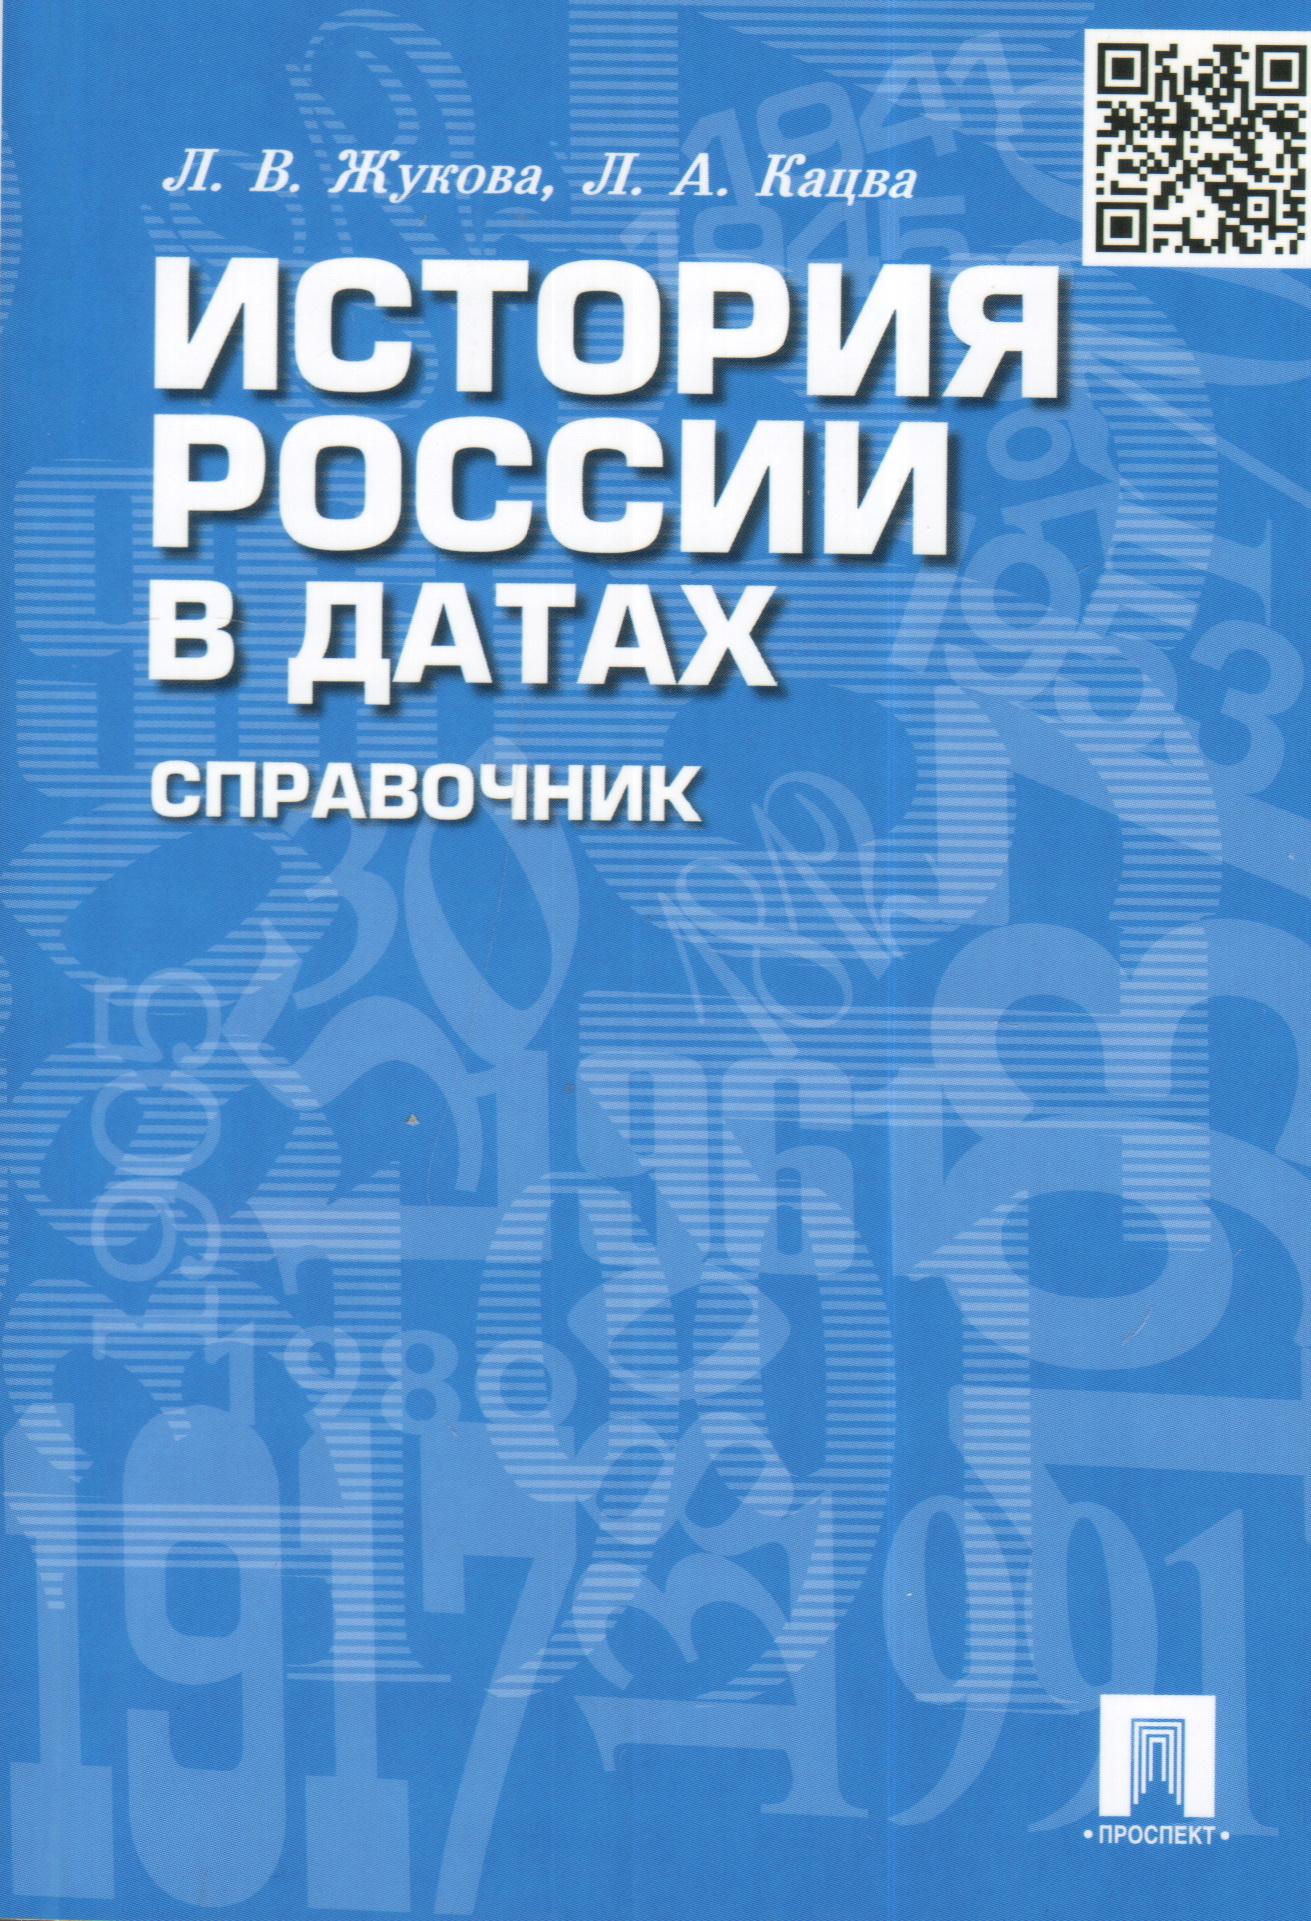 История России в датах.Справочник